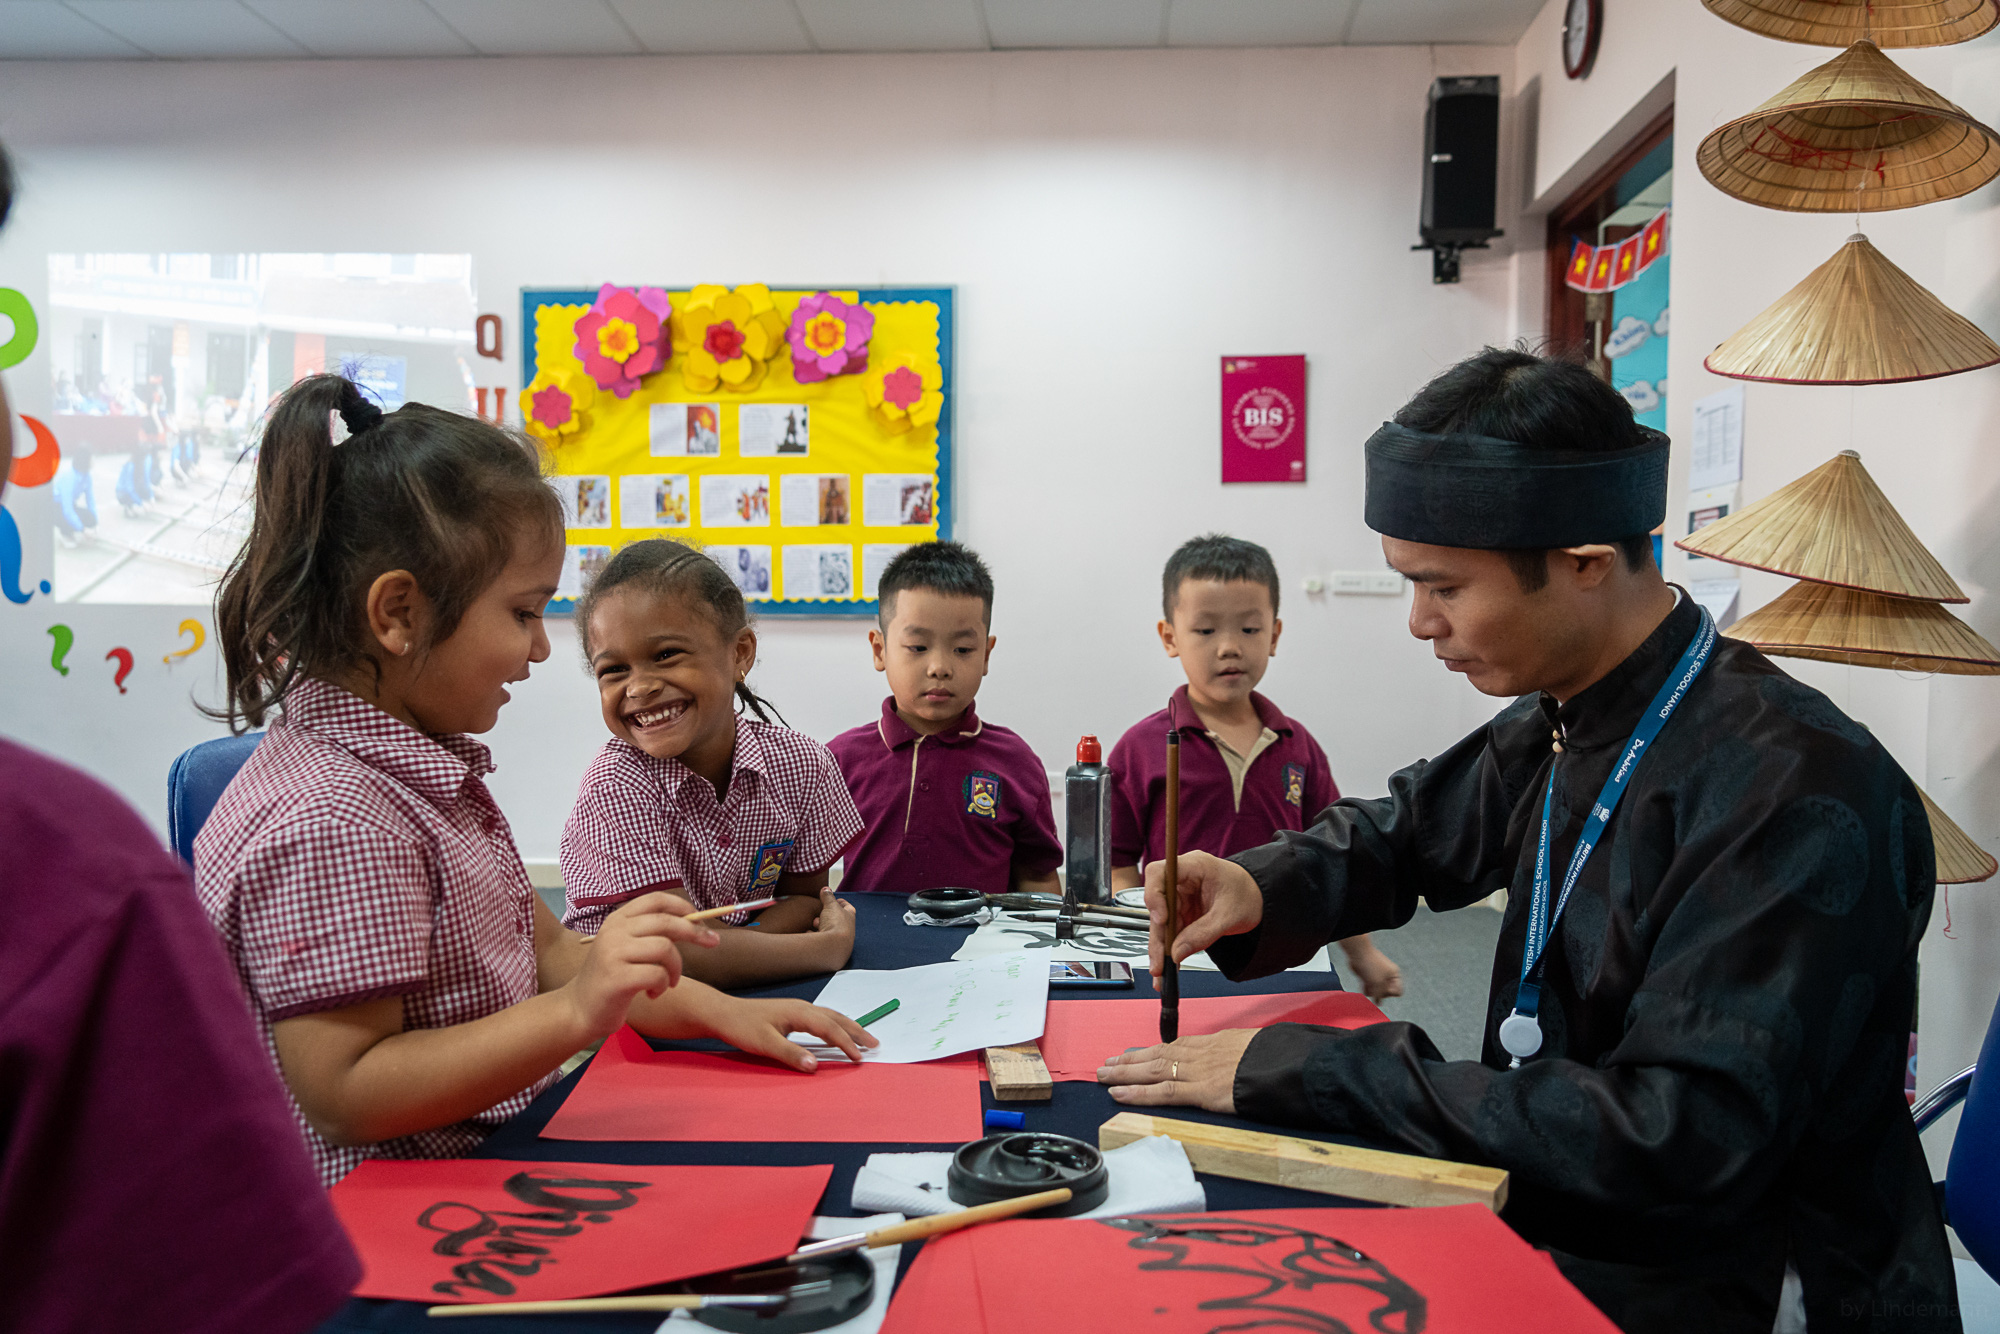 Các bạn nhỏ trường BIS Hà Nội siêu đáng yêu trong MV mừng xuân Canh Tý 2020 cùng với ca sĩ Mỹ Dung - Ảnh 2.